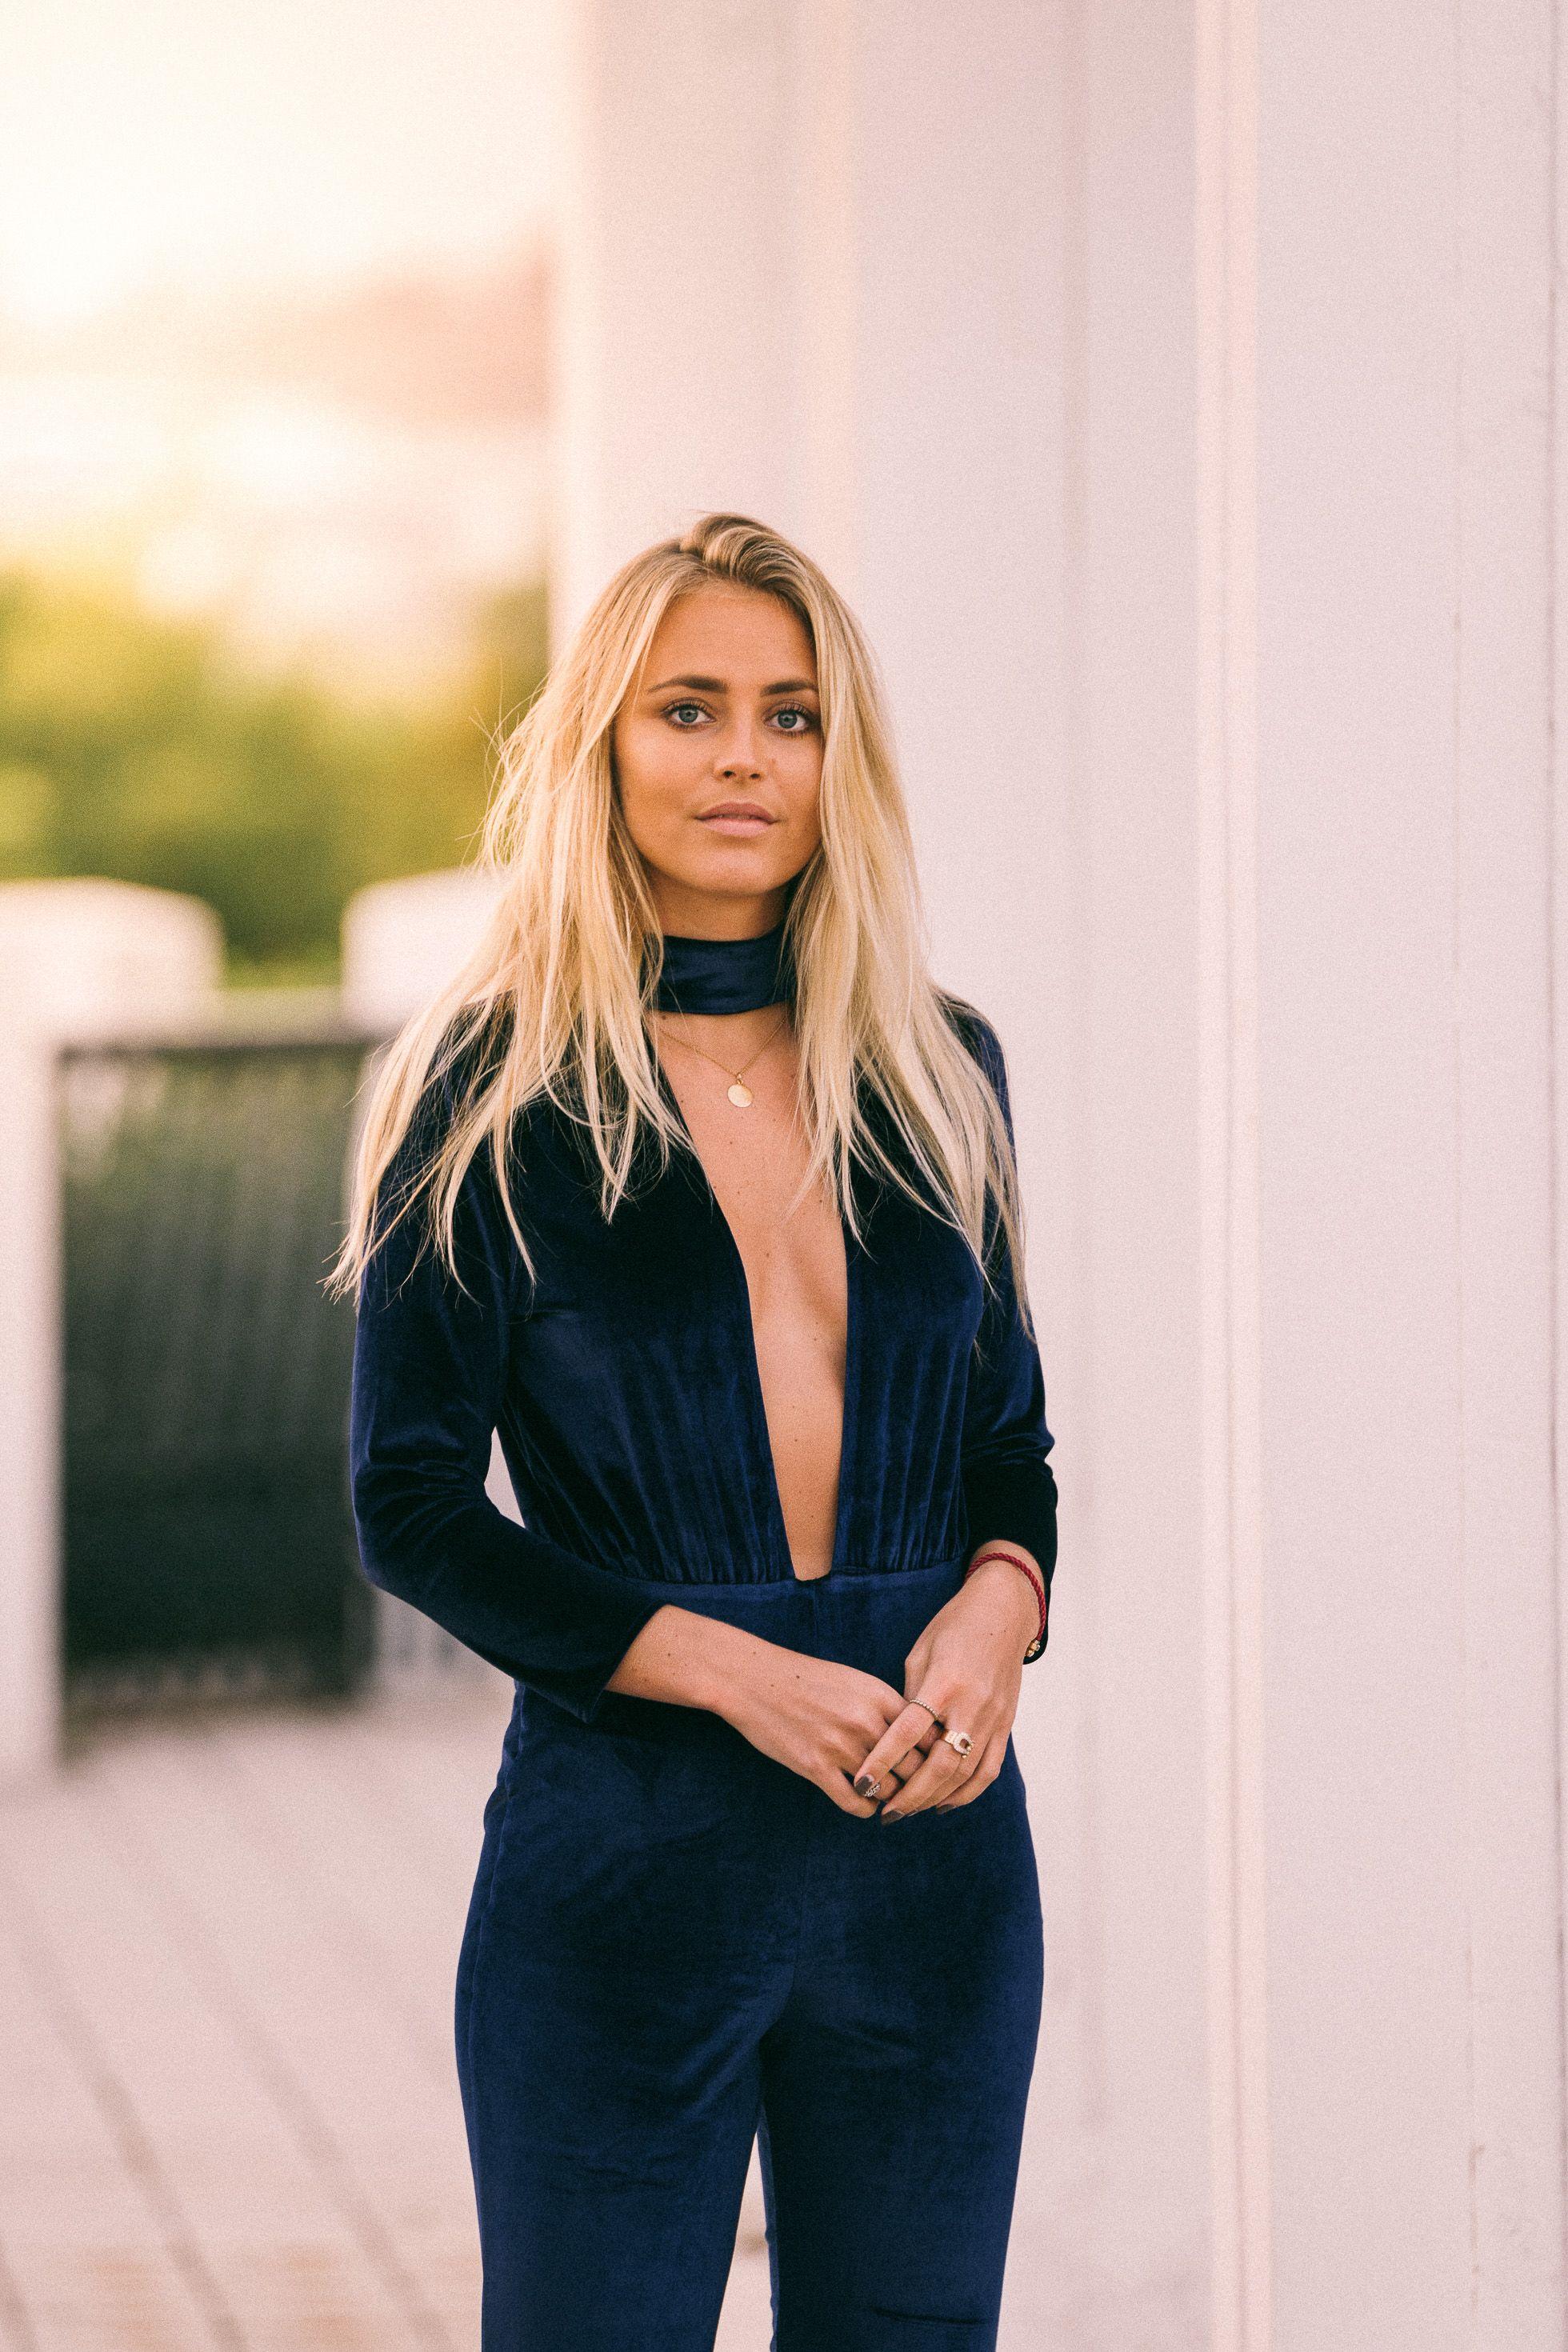 Janni Olsson Deler nudes (39 pictures), hacked Erotica, Instagram, legs 2016